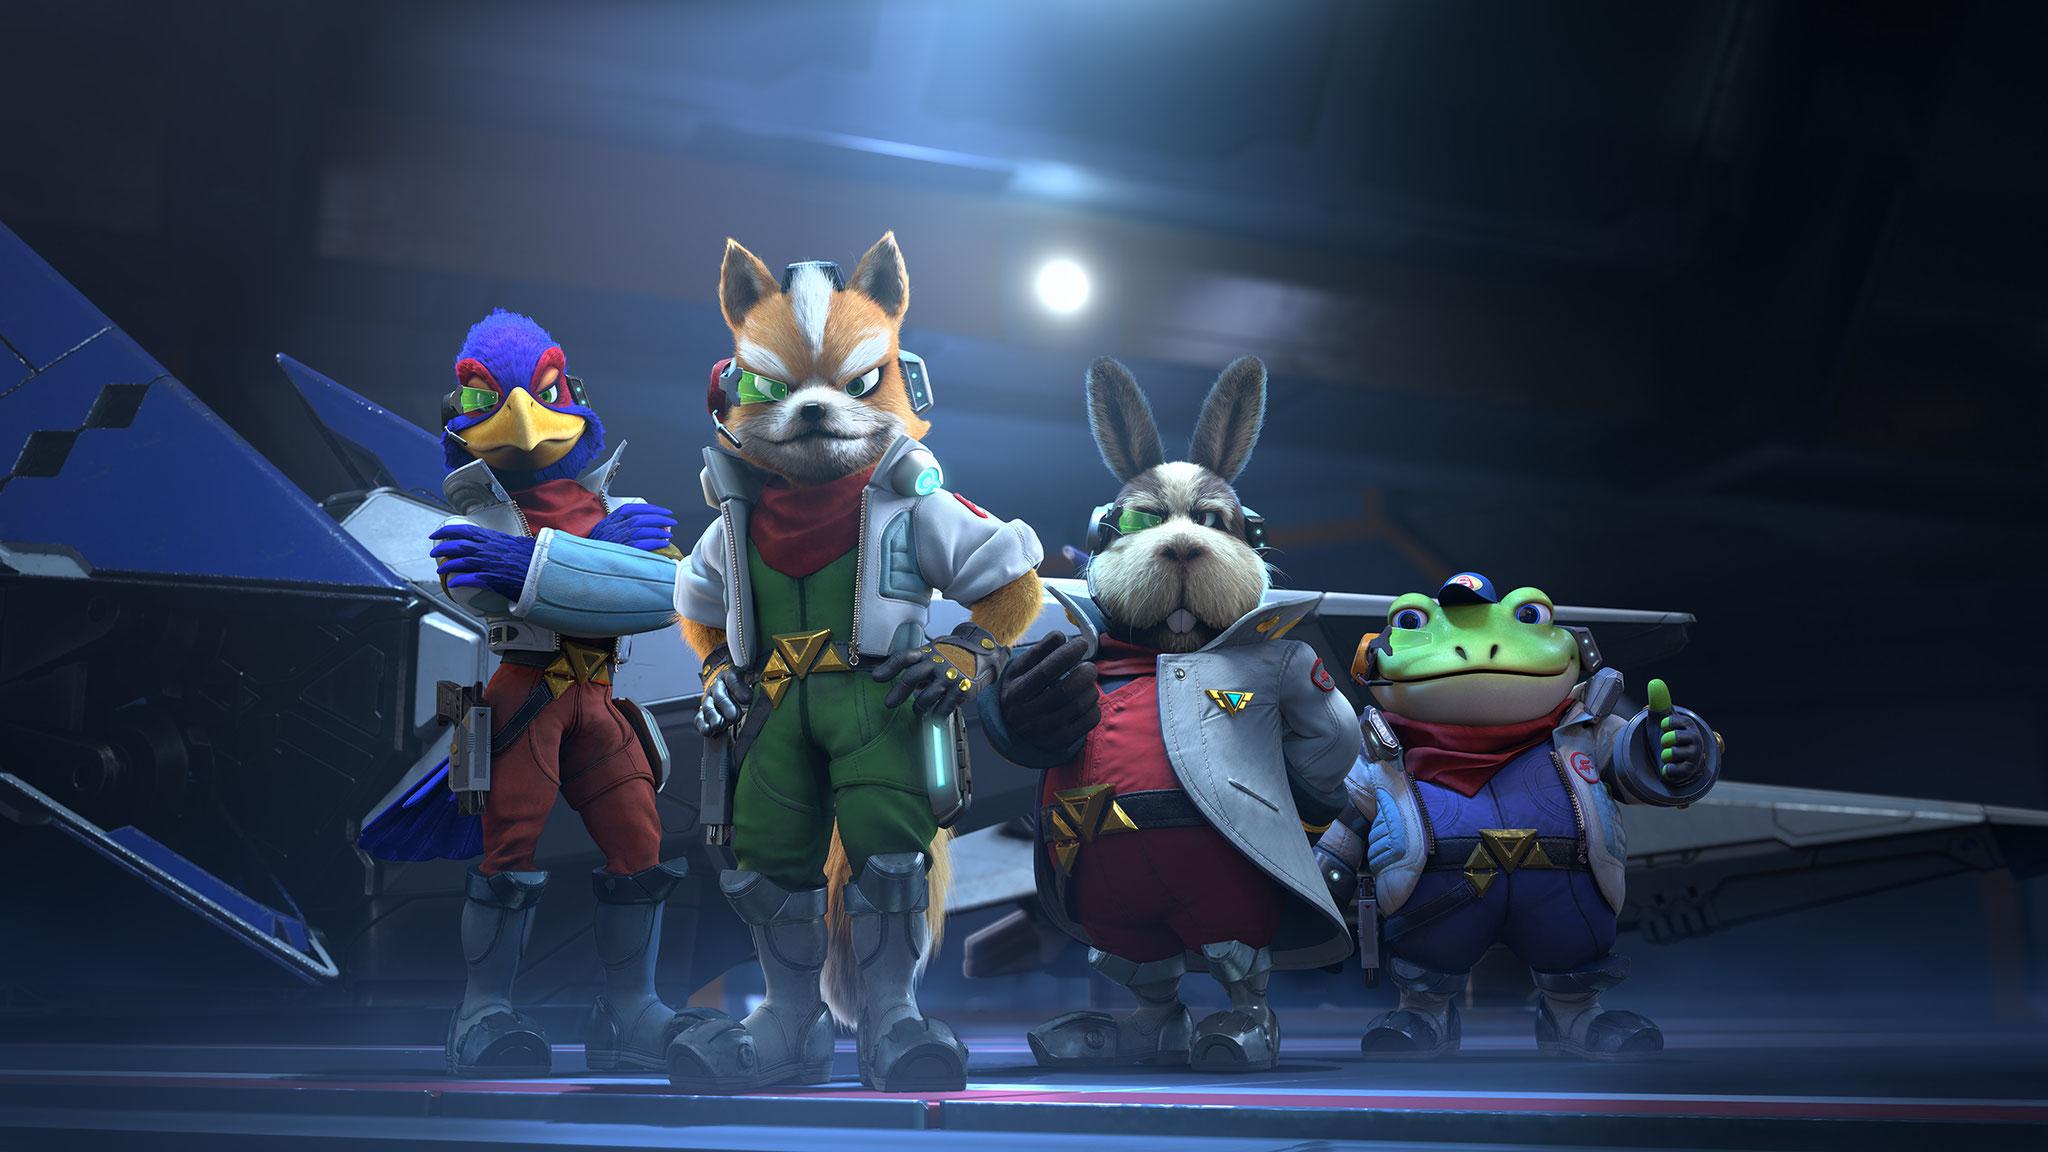 """Wer """"Starlink"""" für die Switch kauft, bekommt anstelle der sonst üblichen Starter-Pack-Ausstattung den Nintendo-Helden Fox McCloud und seinen Jäger geliefert"""